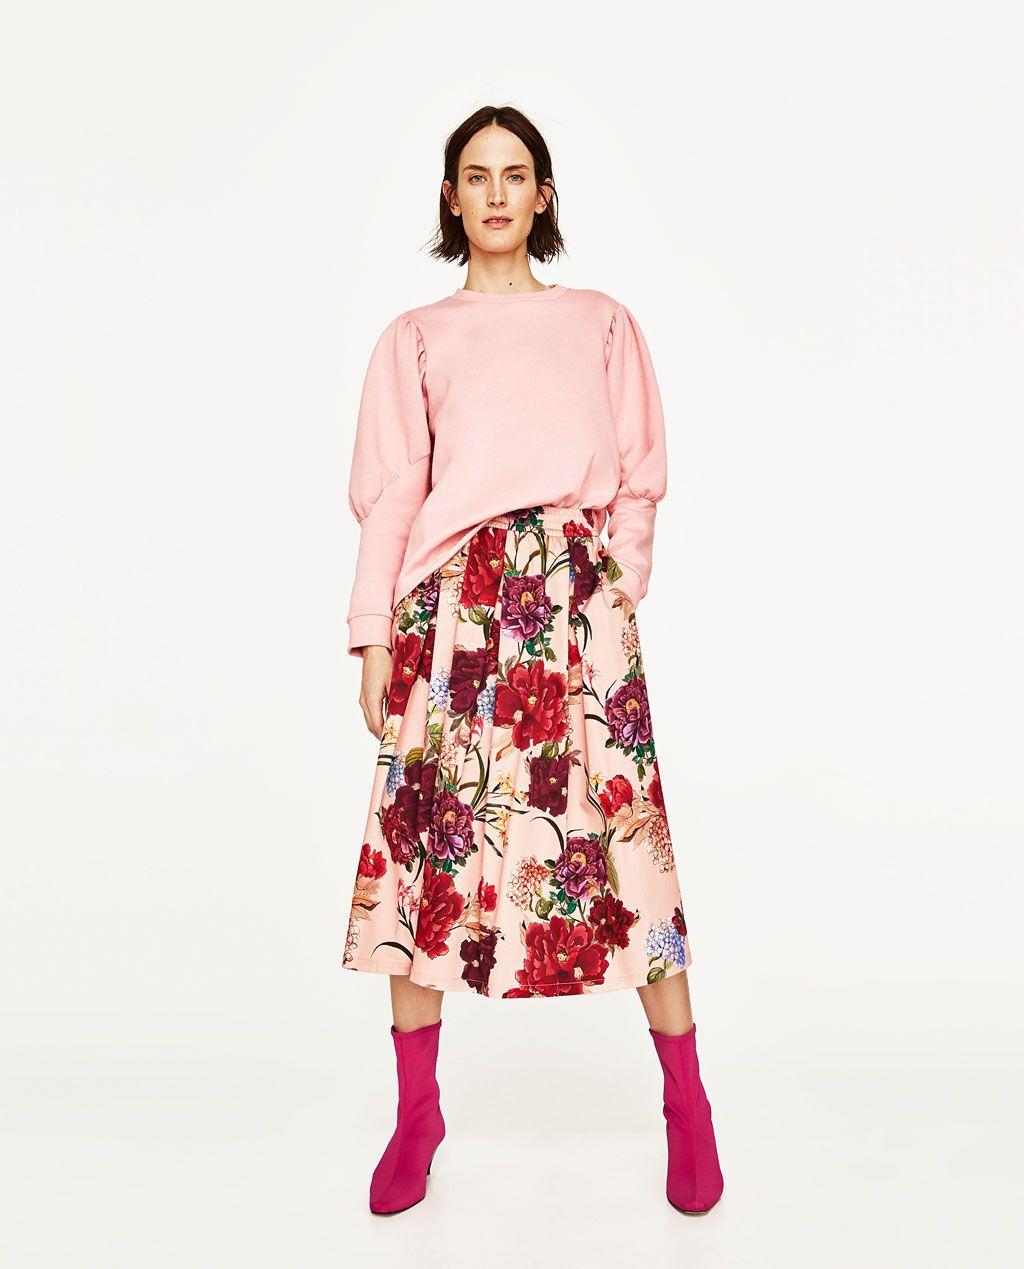 f4e93ec88c FALDA MIDI ESTAMPADO FLORES | Clothing Items - Skirts and Such ...